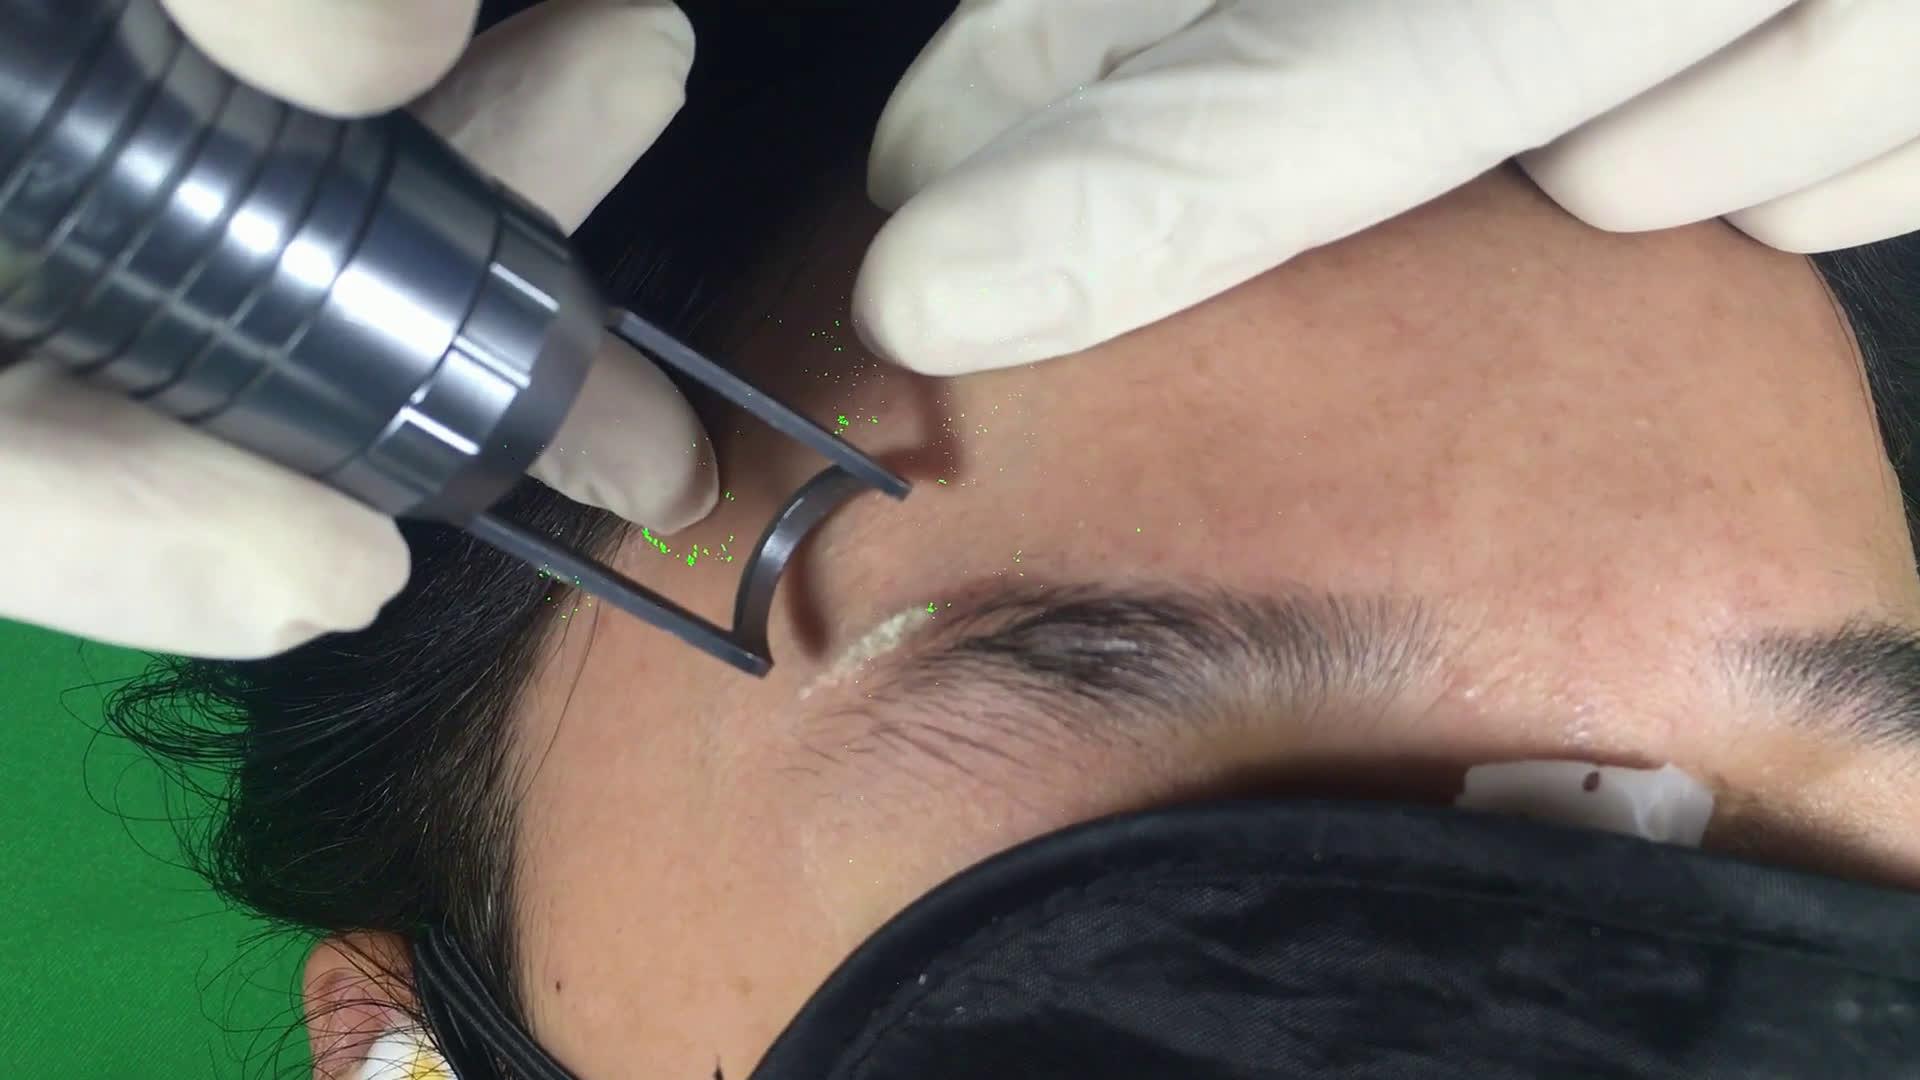 大连尚都绅殿【大连尚都神殿】邴力教授洗眉视频洗纹身文眉视频洗纹眉图片